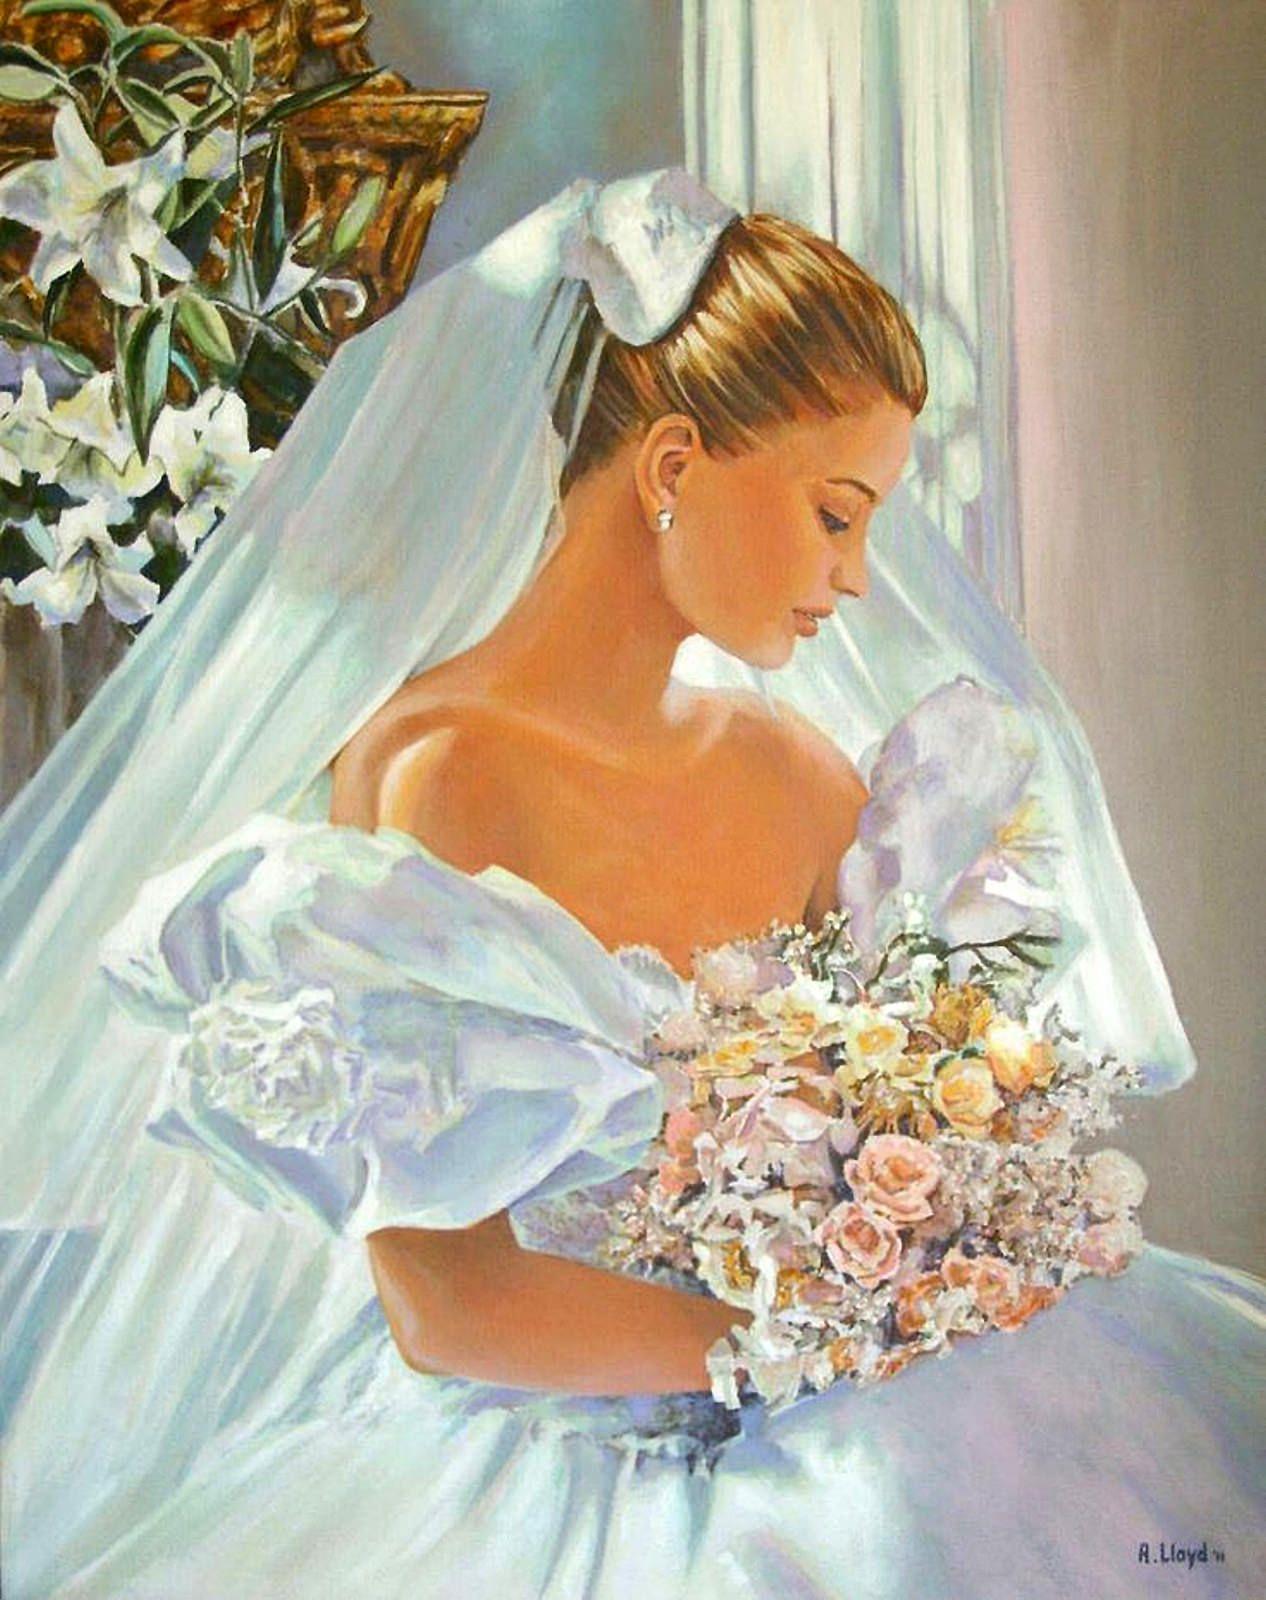 Andy Lloyd Bridal Art Wedding Art Bride